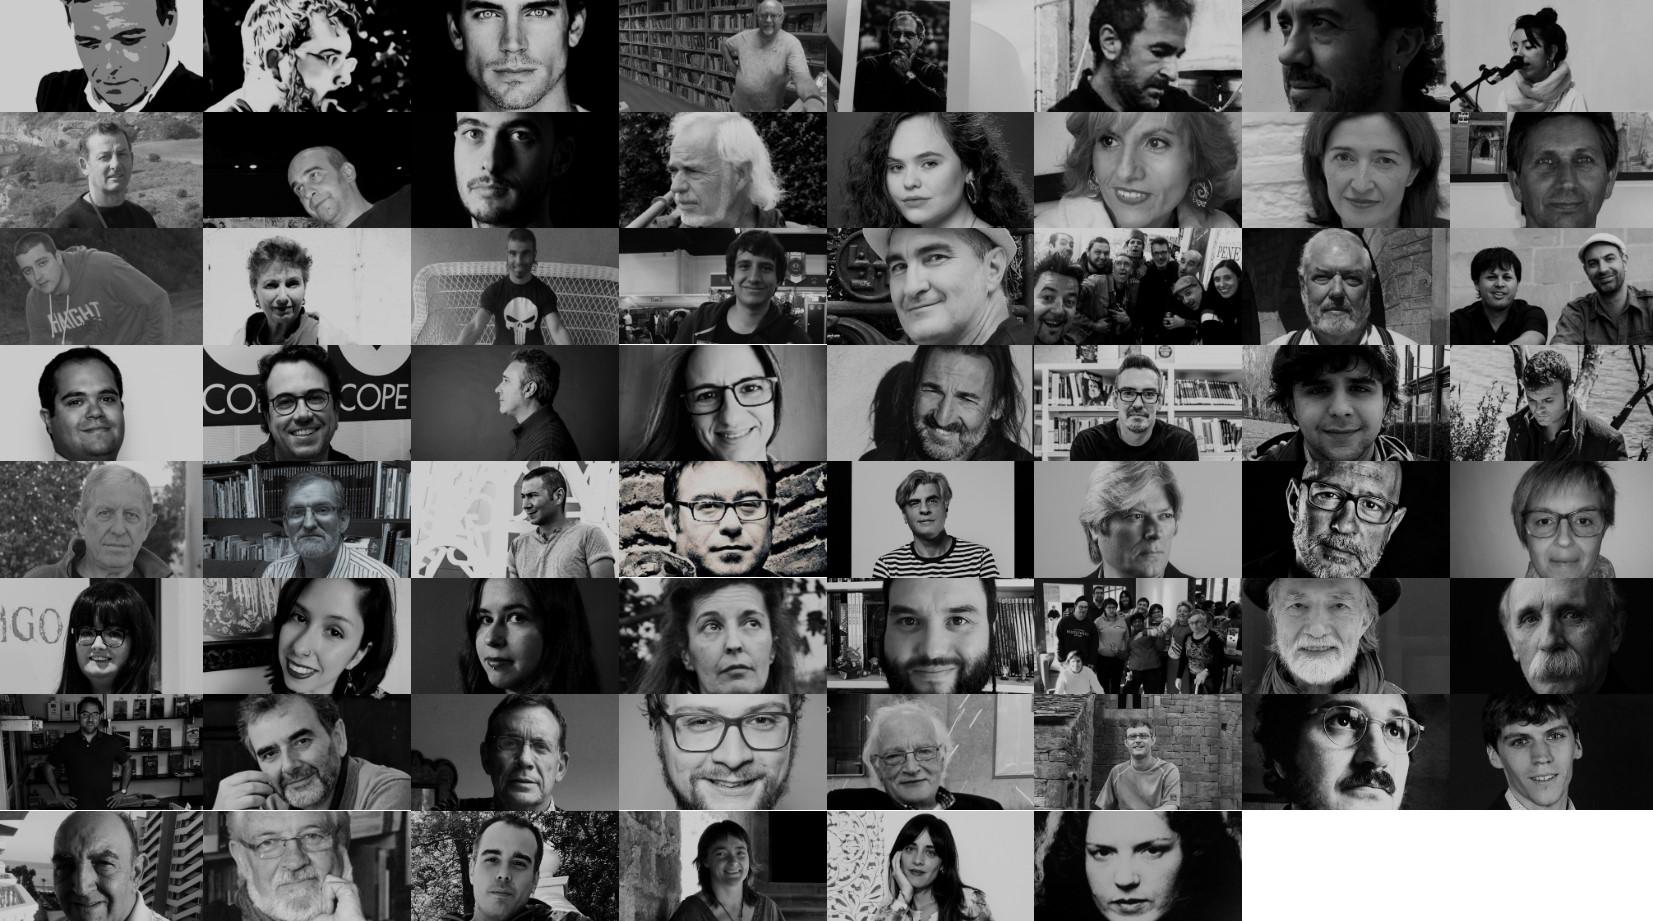 Autores aragoneses que participan en la Feria del Libro Aragonés 2019 en Monzón del 6 al 8 de diciembre